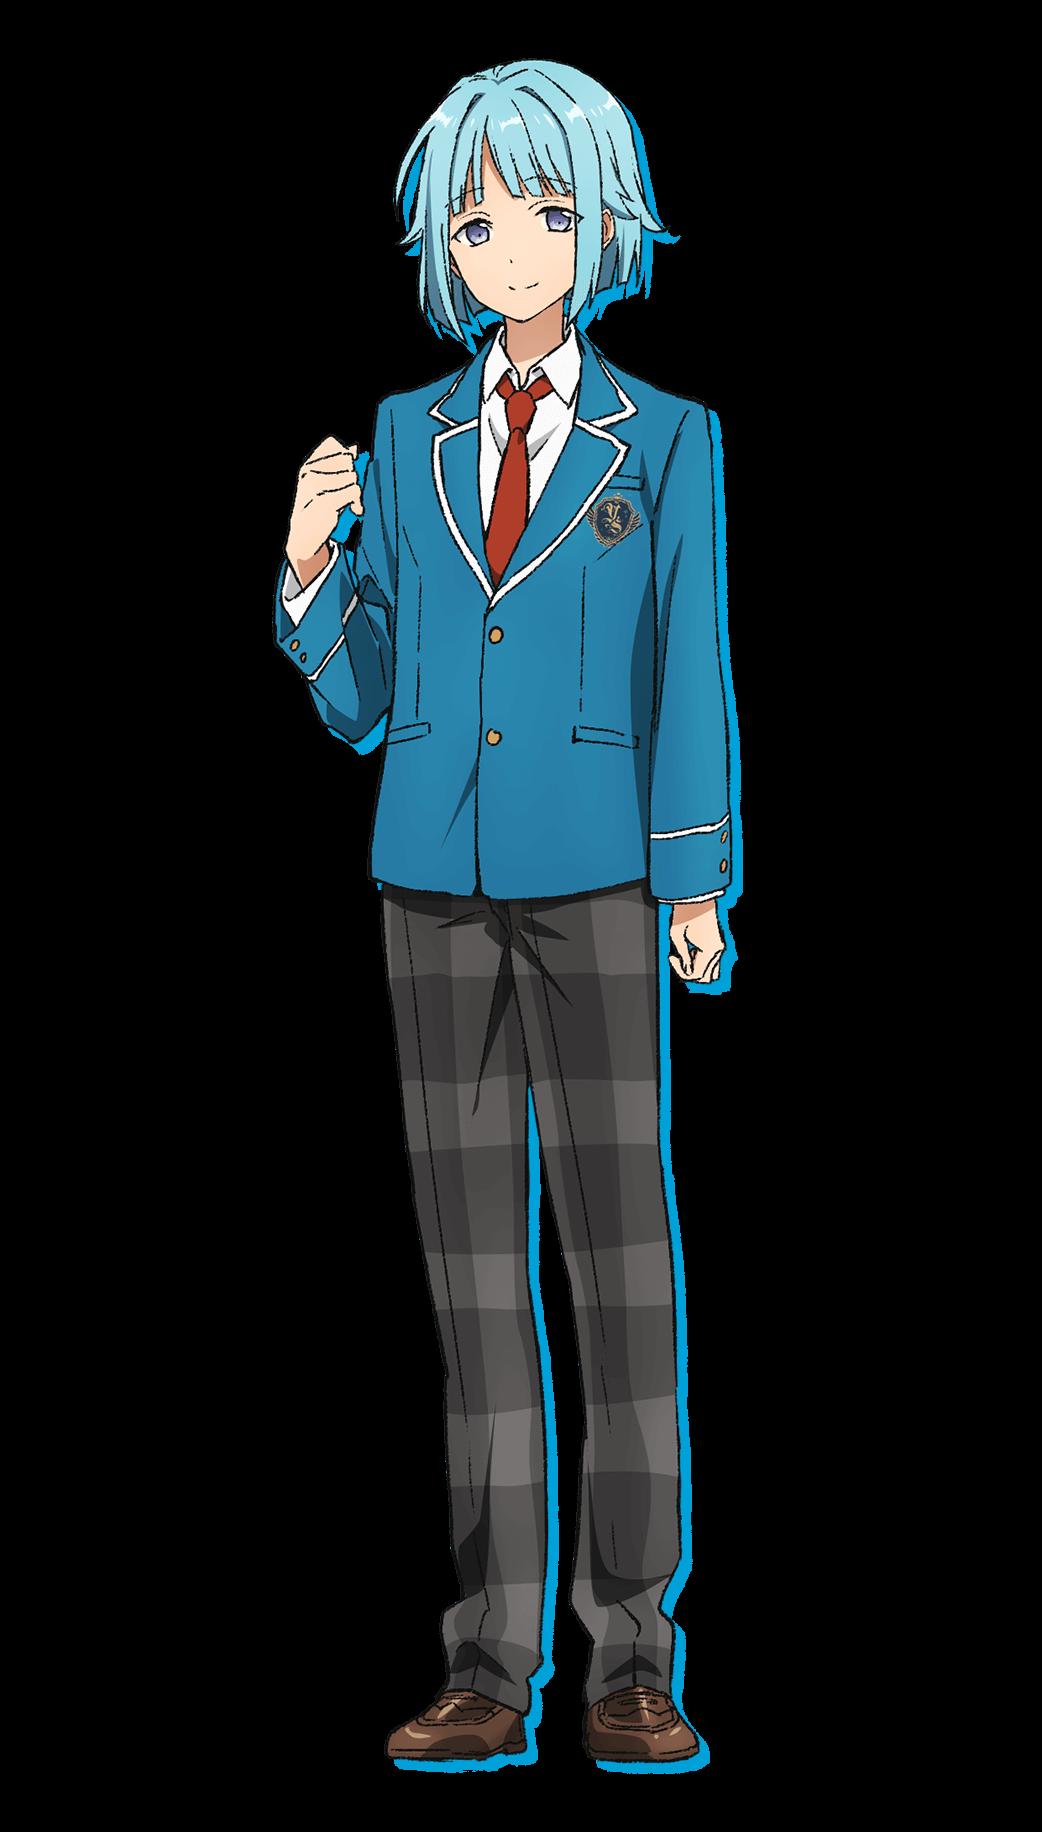 紫之 創 | TVアニメ「あんさんぶるスターズ!」公式サイト